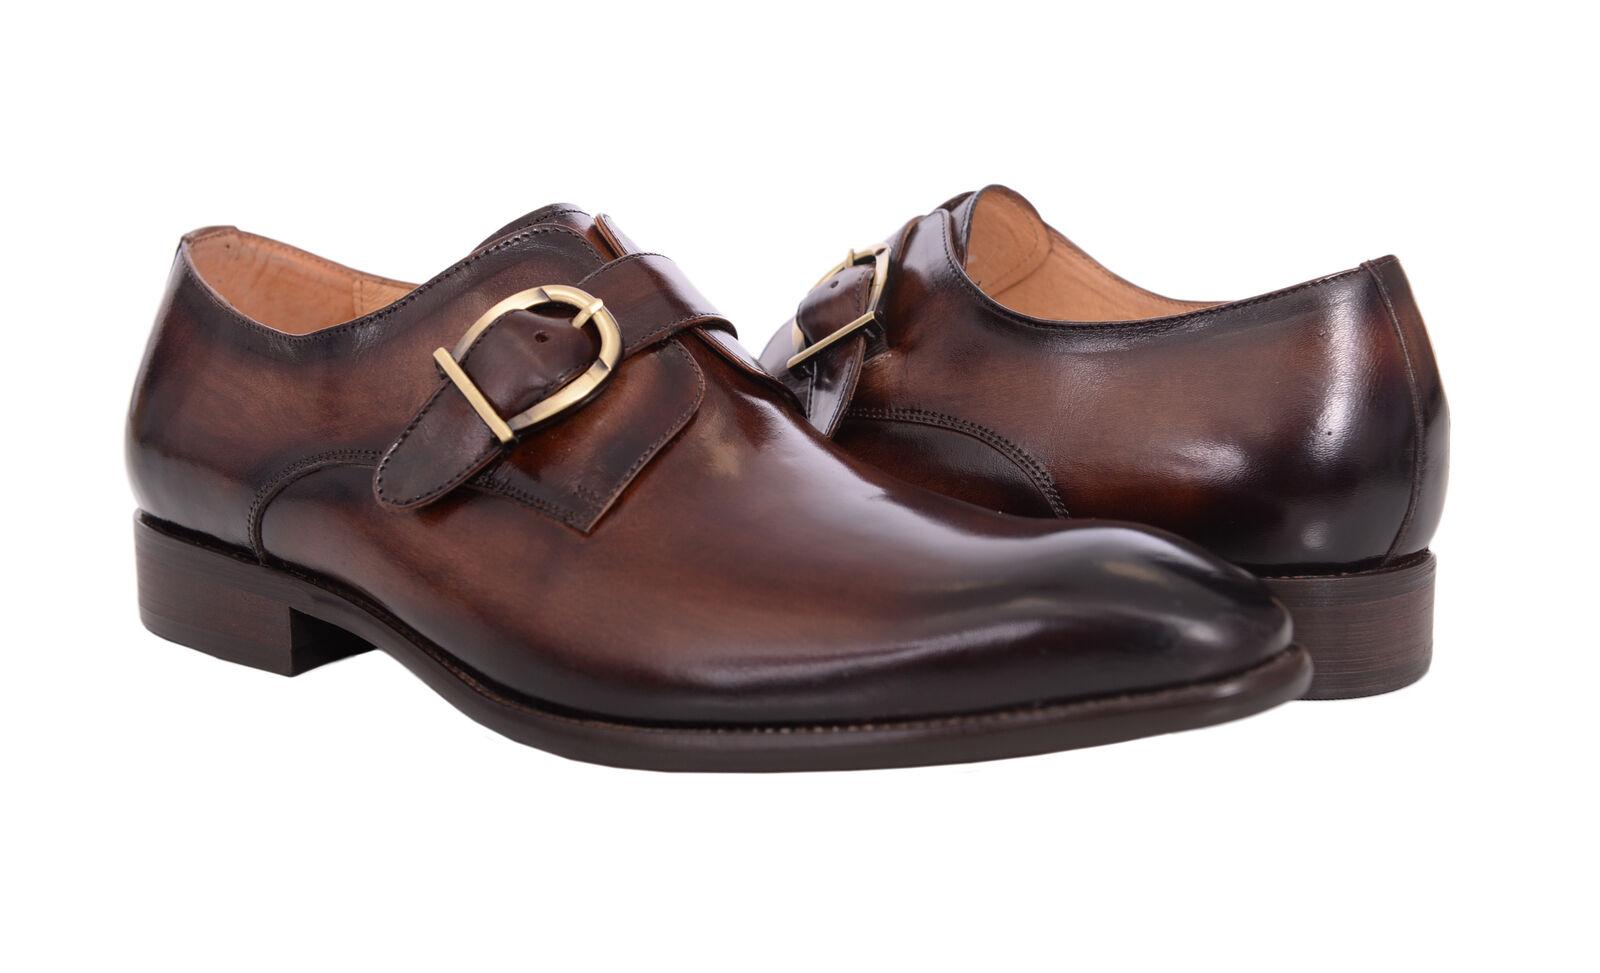 Carrucci Kastanienbraun Poliert Zehen Einzel Mönch Riemen Leder Kleid Schuhe